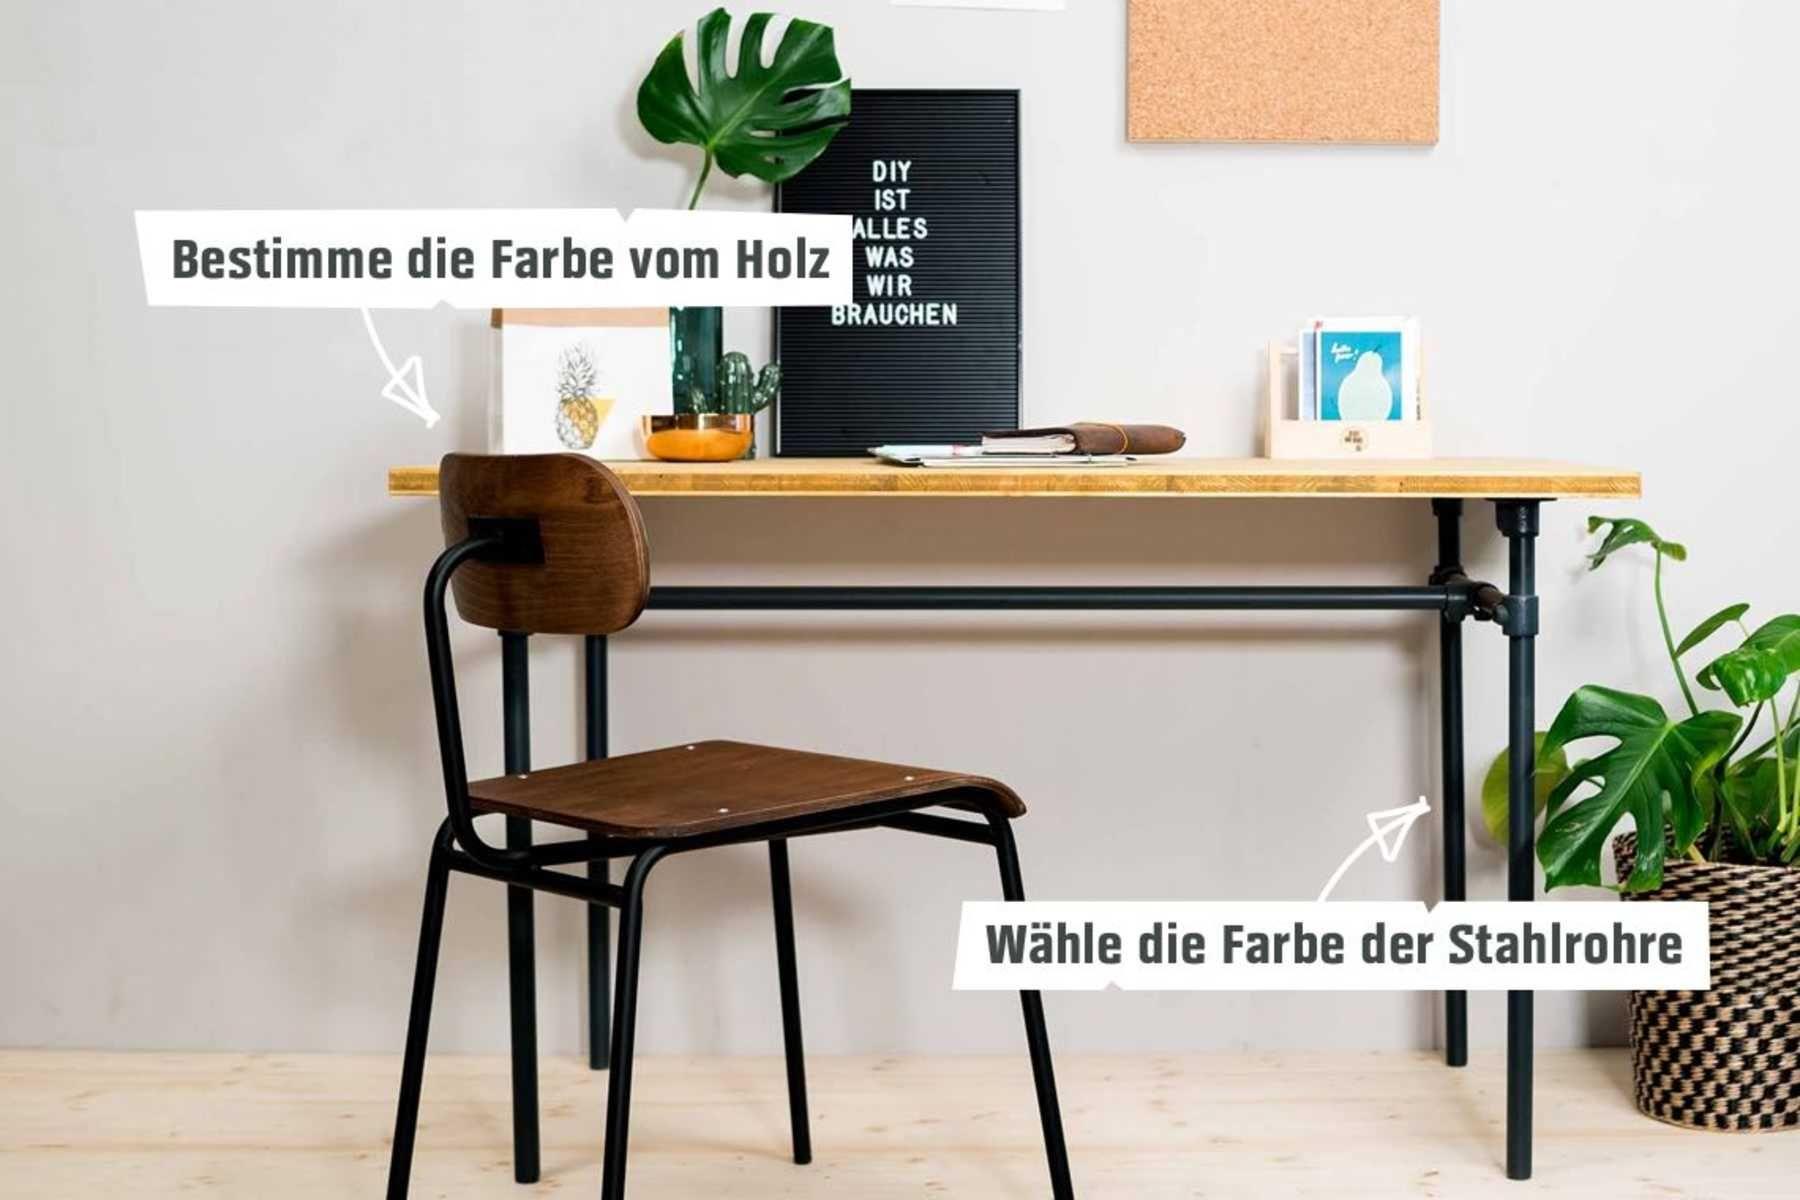 Tisch Rohrbert Selber Bauen Rohrmobel Haus Deko Rohre Tisch